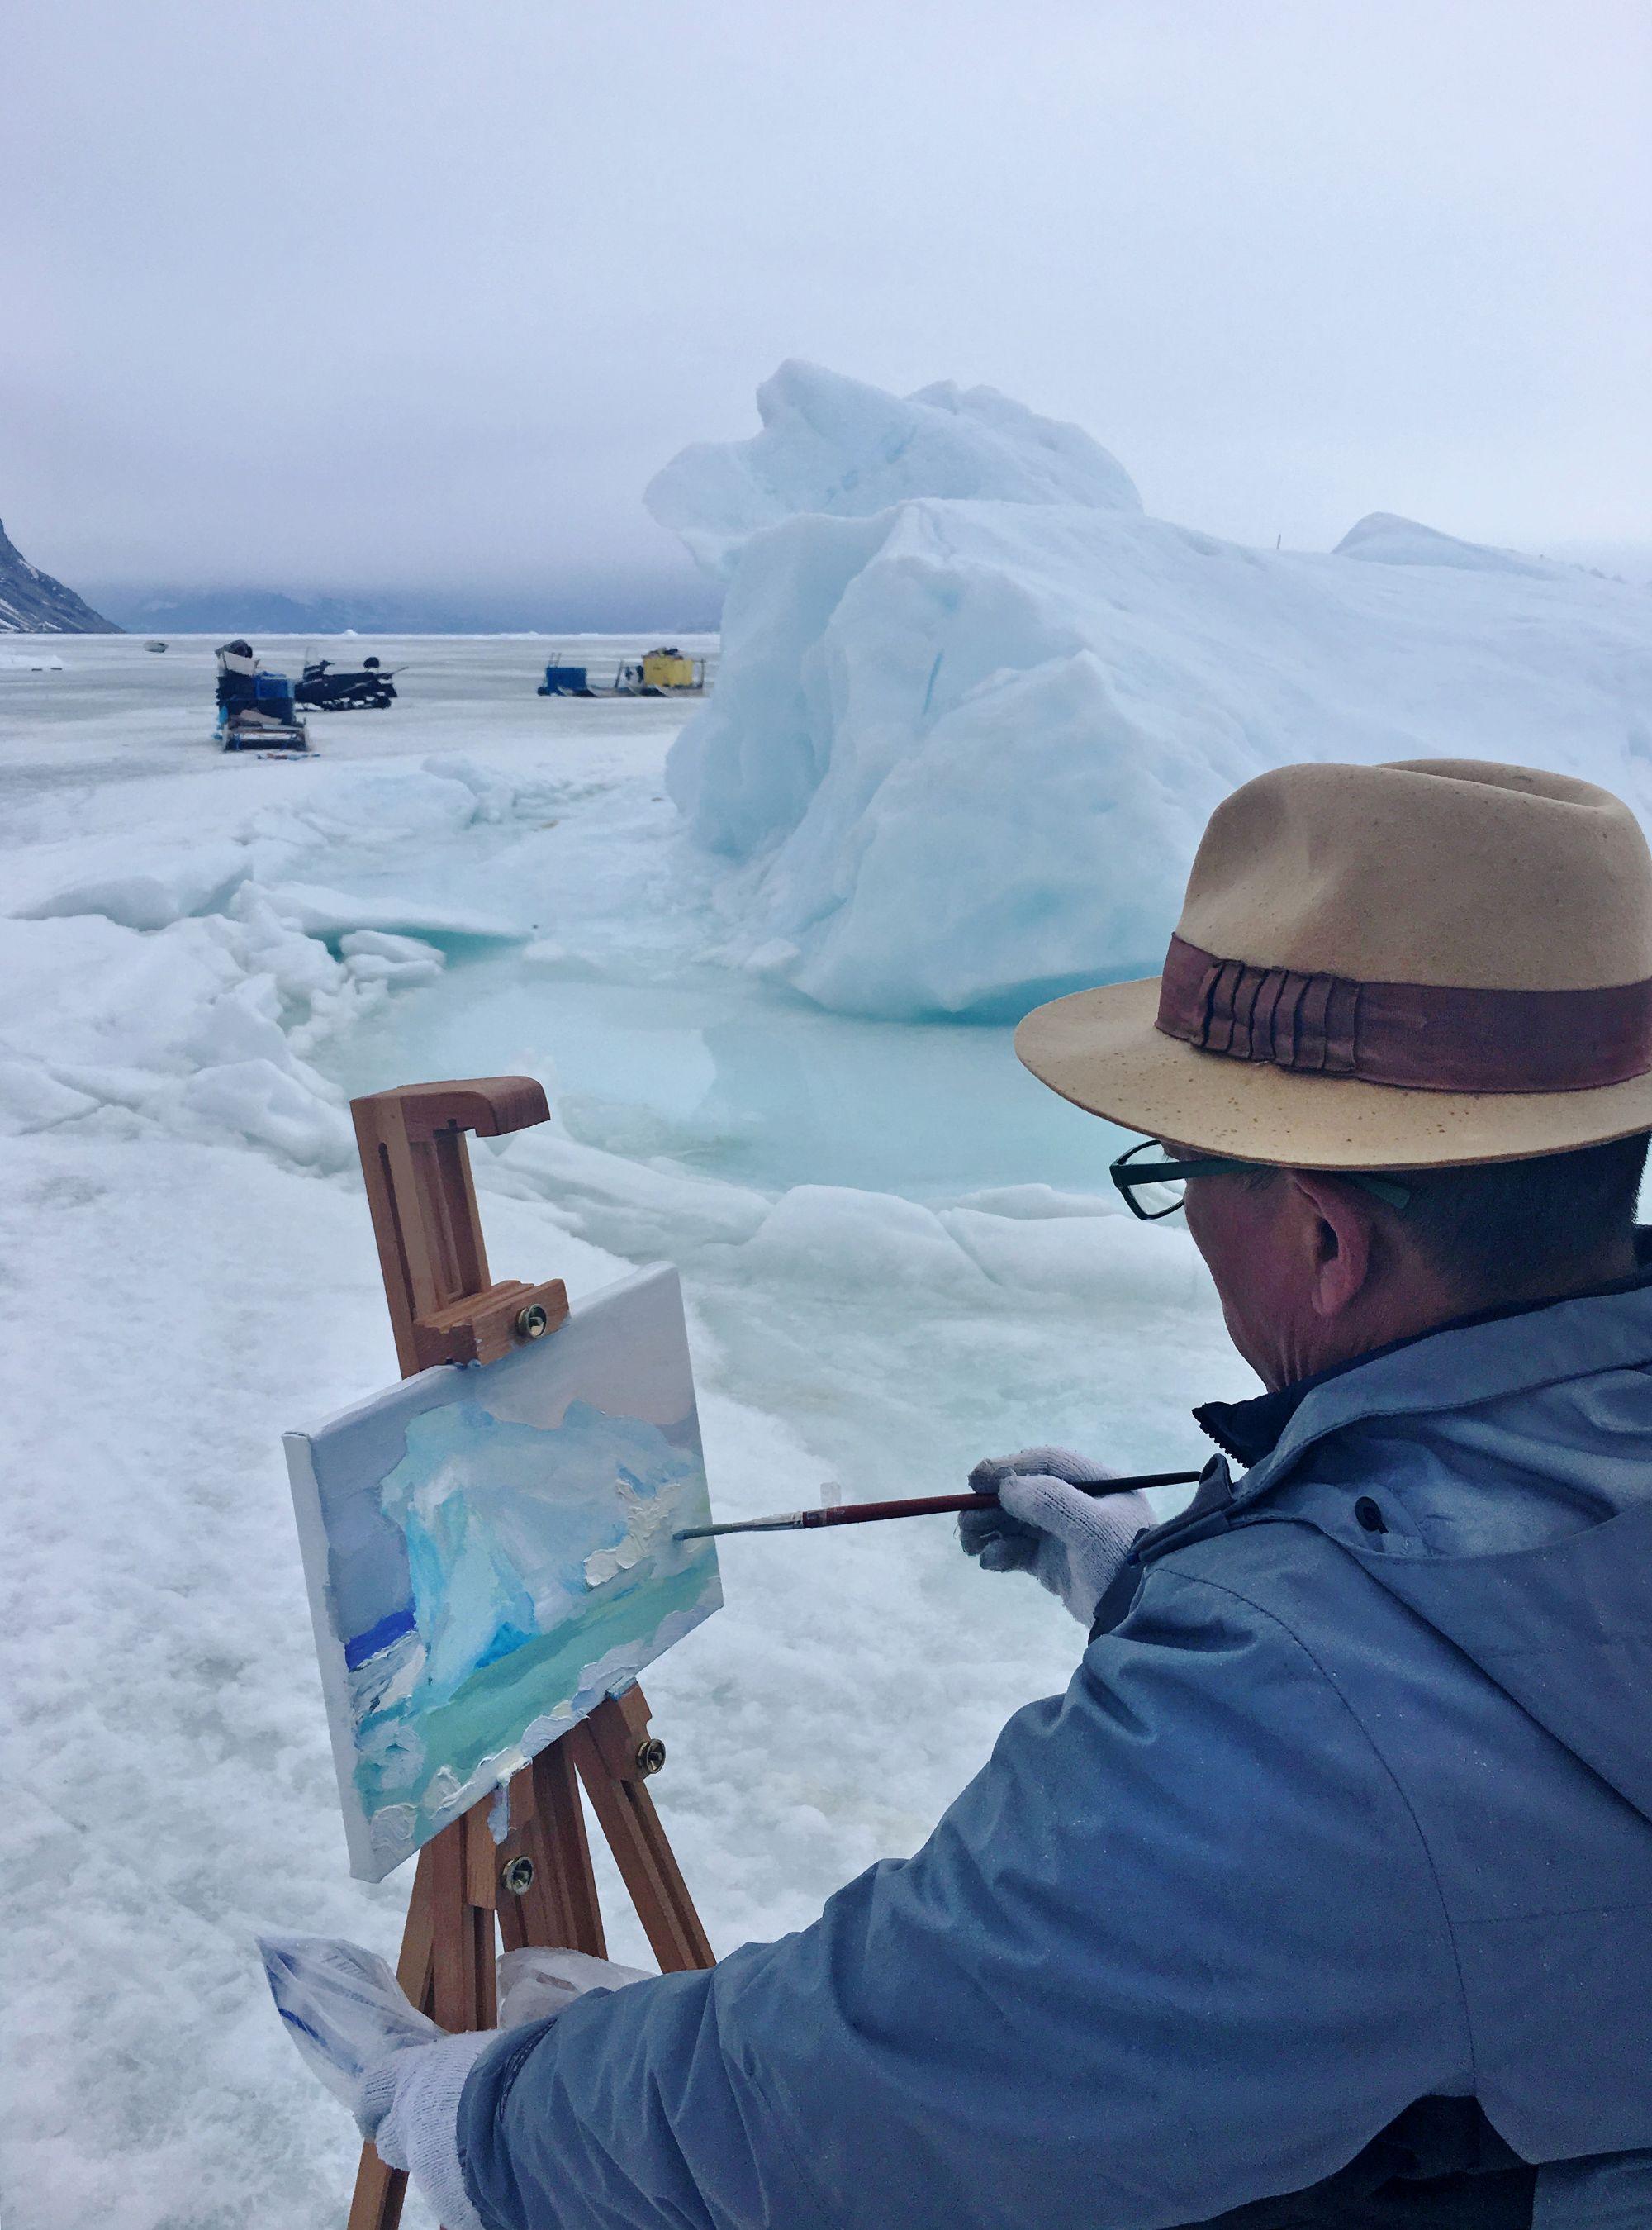 Liu Xiaodong maler Isbjerg 2 udendørs under sin første rejse til Uummannaq, Grønland, foråret 2017. Foto: Jeffrey Sequeira © Xiaodong Studio, courtesy Faurschou Foundation.